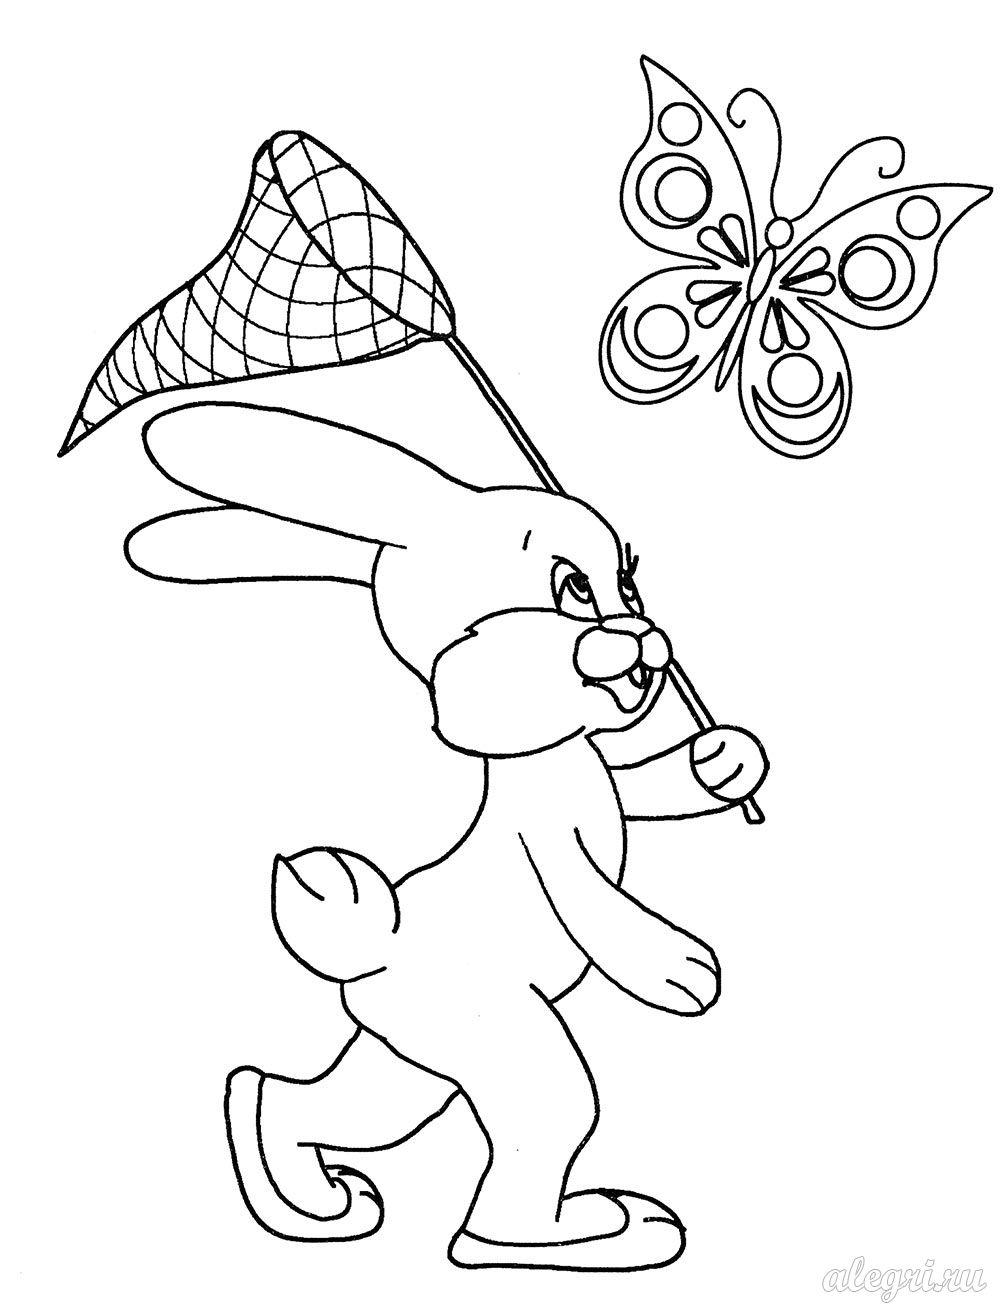 раскраска для детей зайчик ловит бабочек